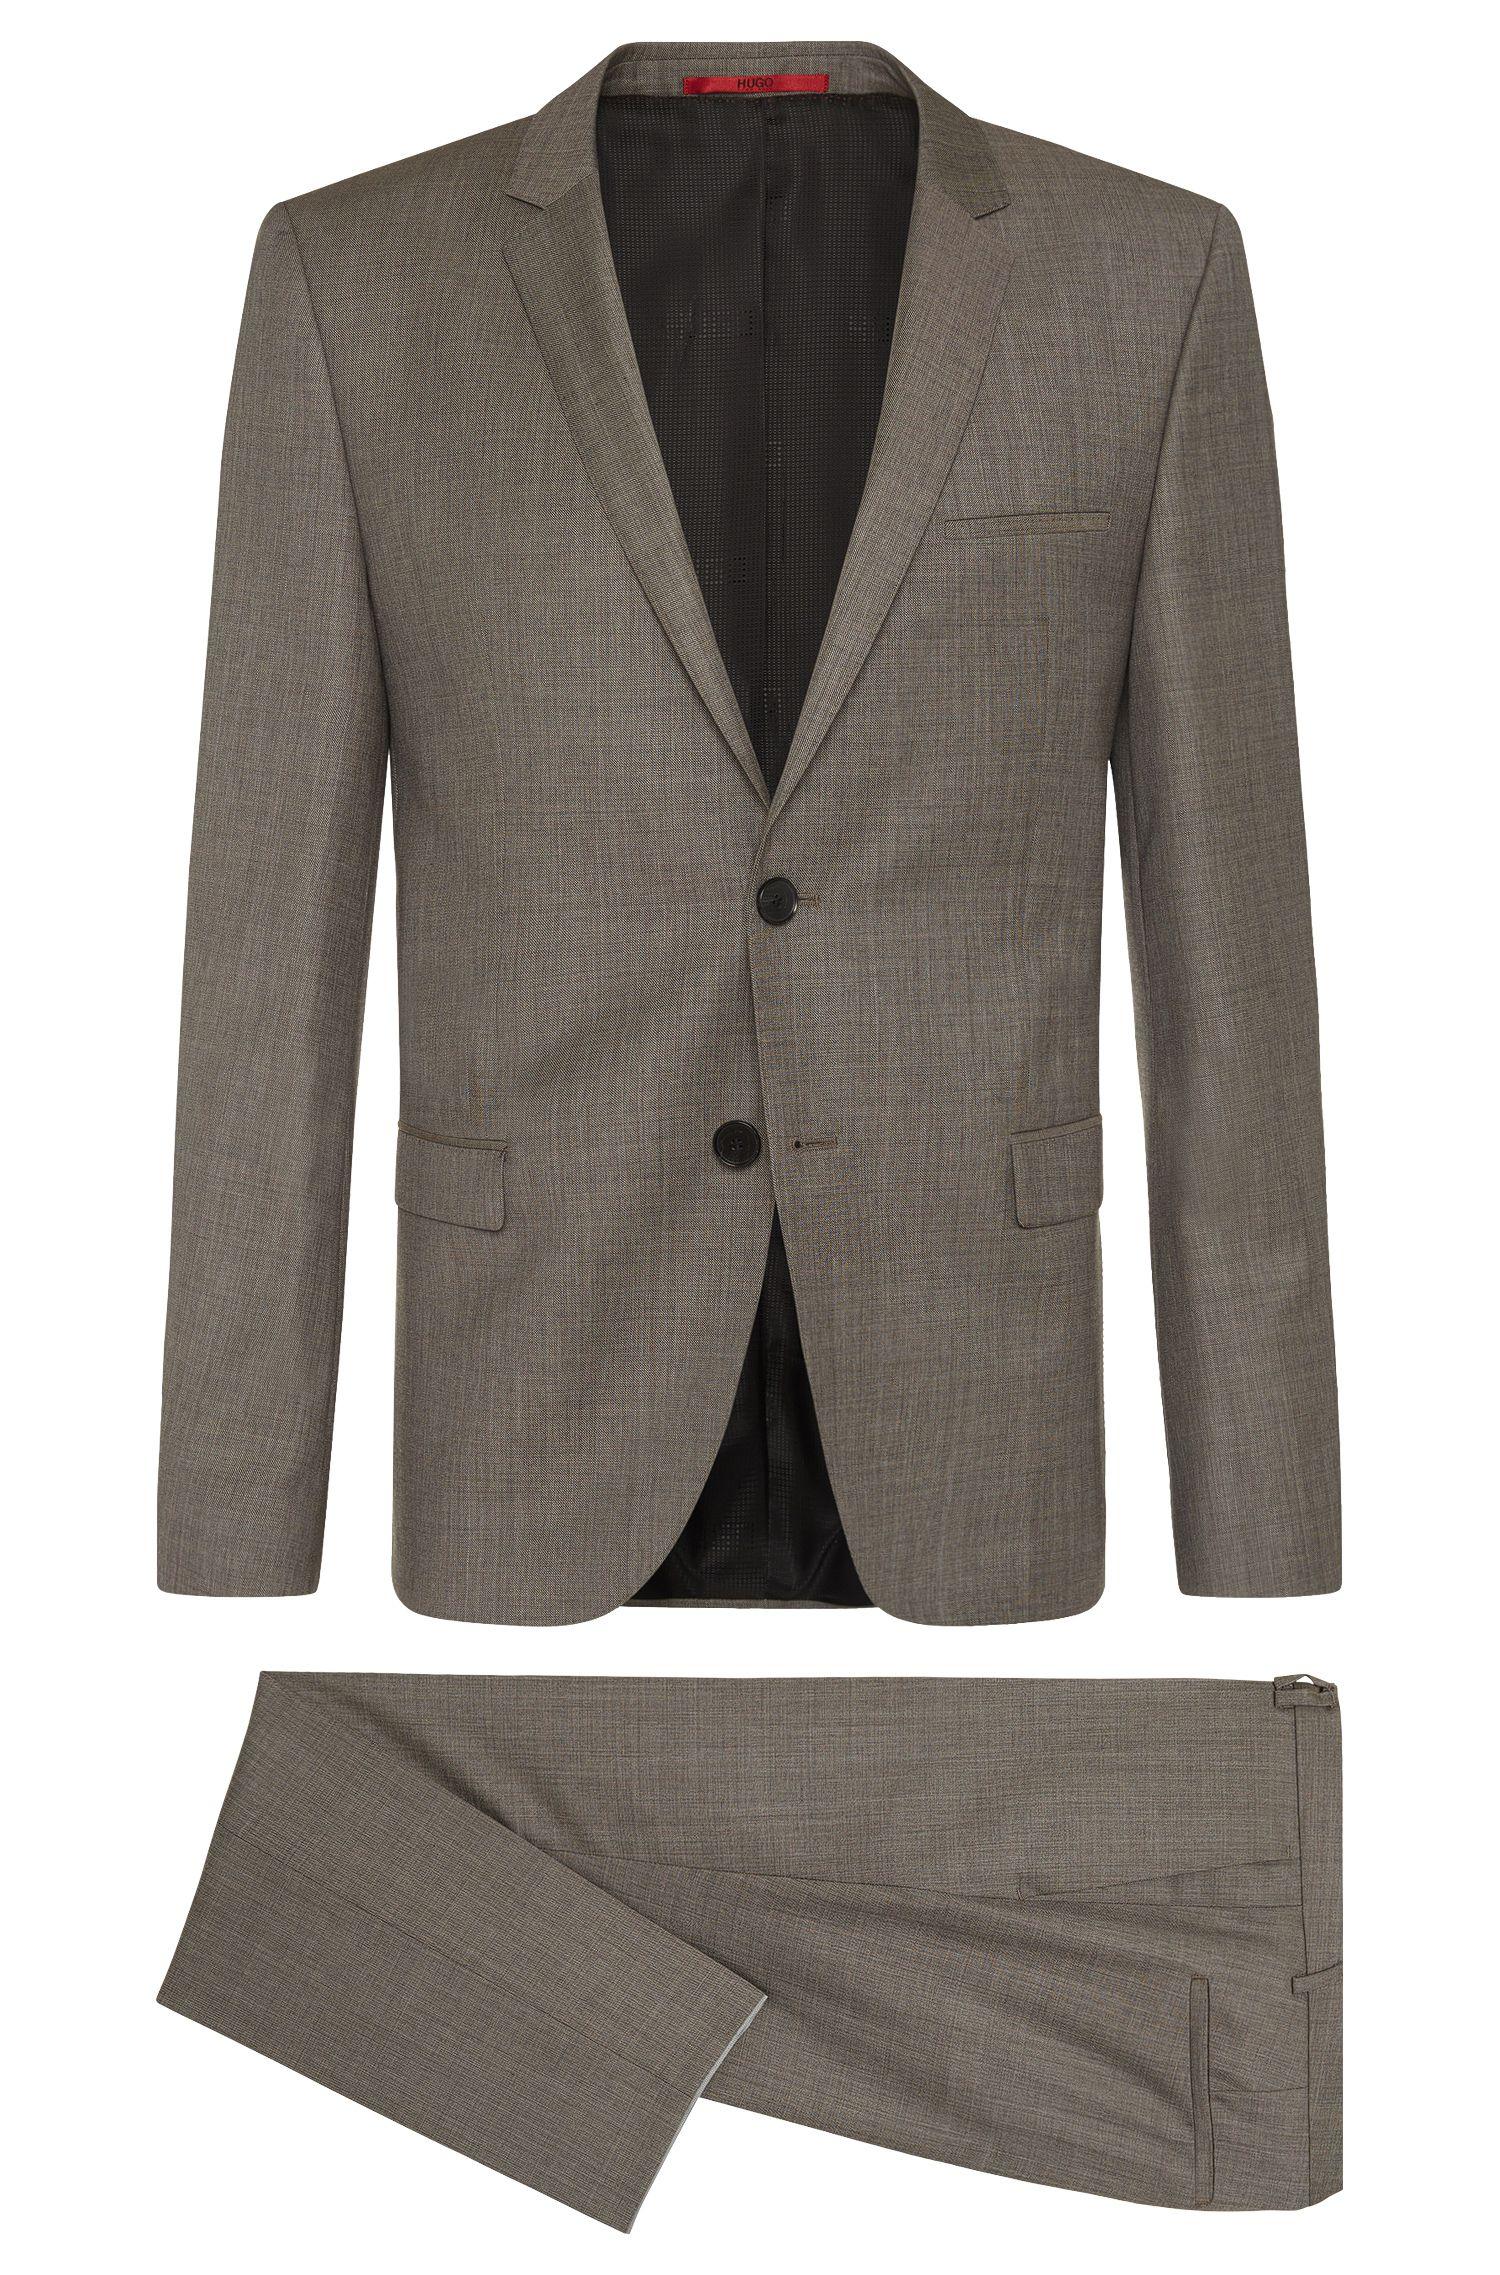 'Arti/Helion' | Slim Fit, Virgin Wool Suit